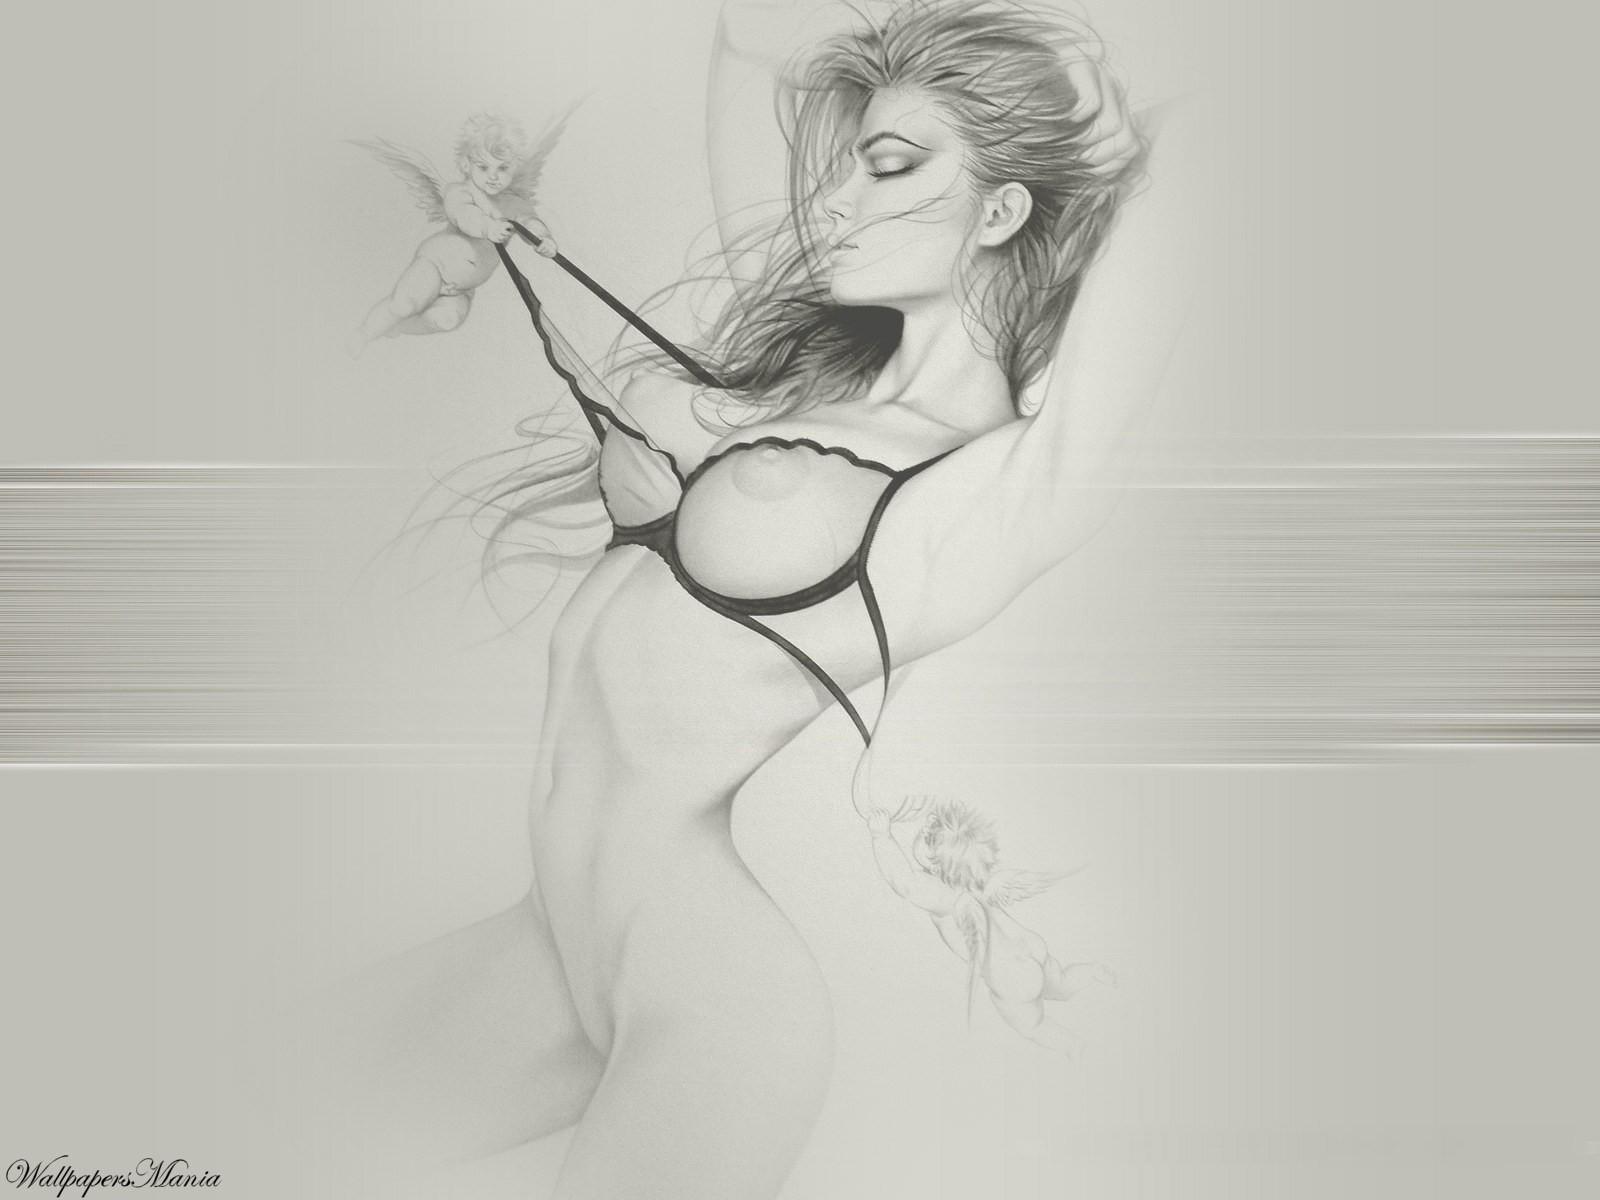 Рисуем голую девку, Как нарисовать голую девушку поэтапно? 23 фотография